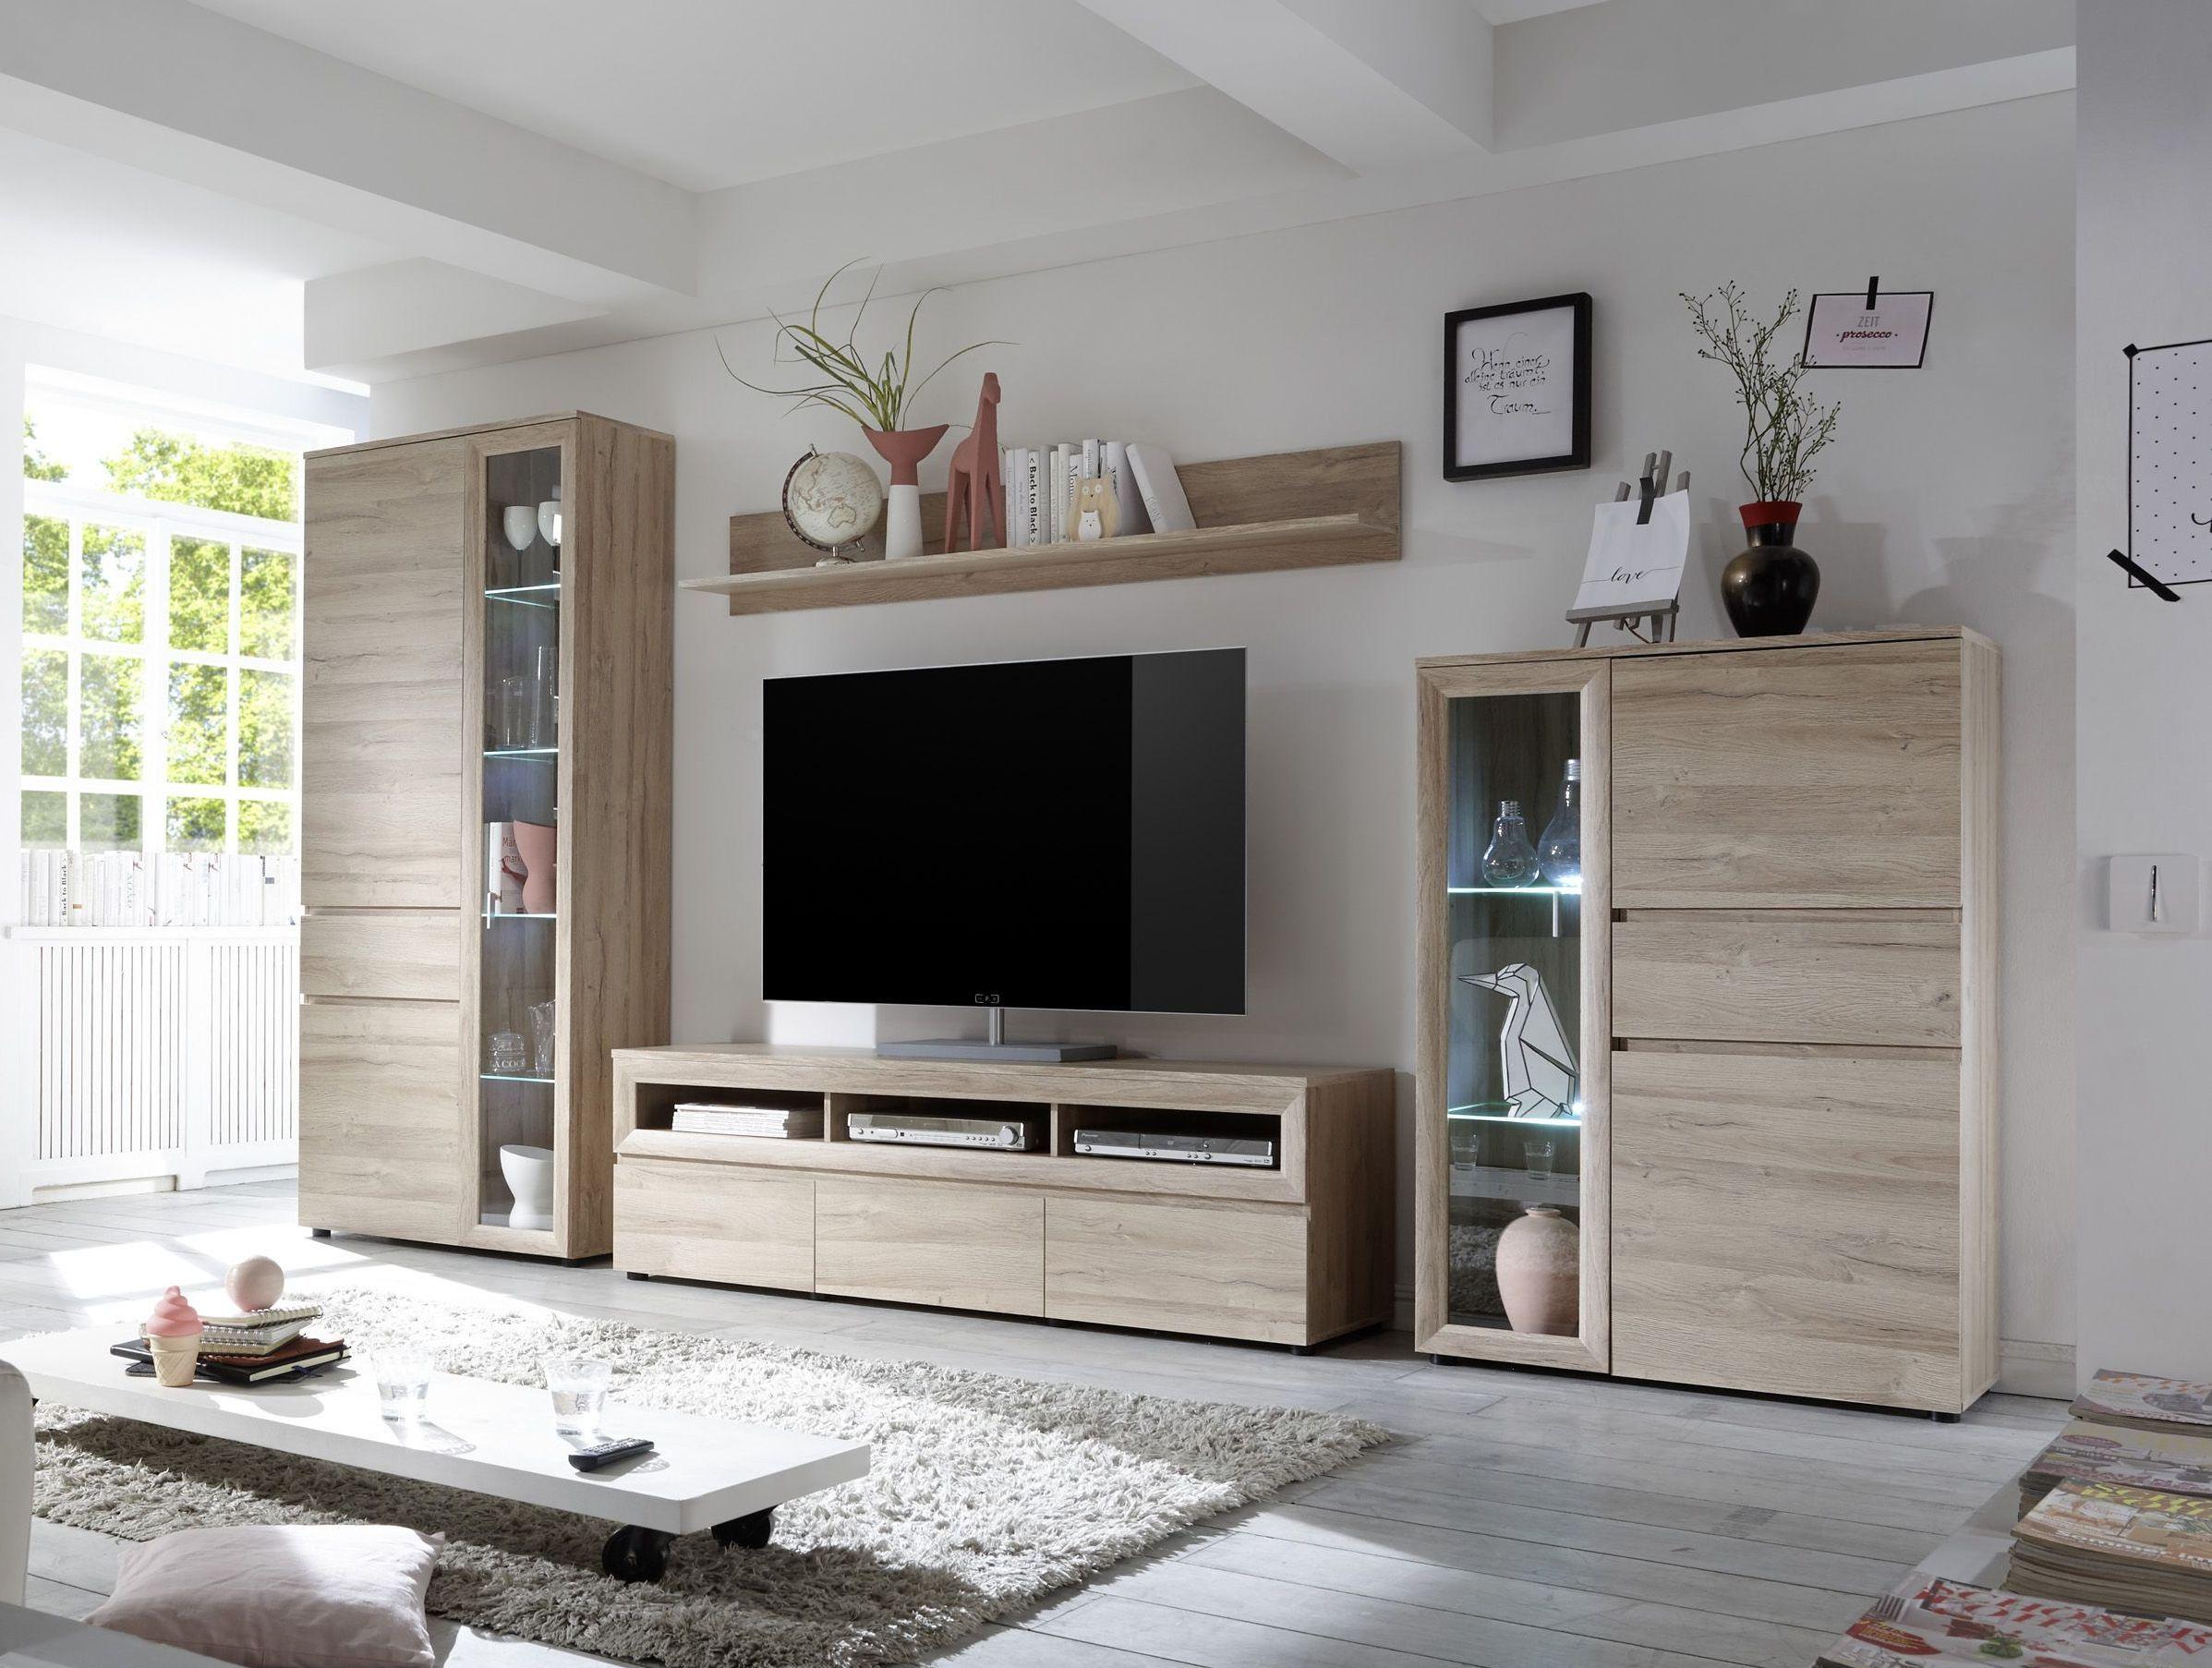 wohnwand eiche grandson oak mit led beleuchtung woody 61-00190, Wohnzimmer dekoo